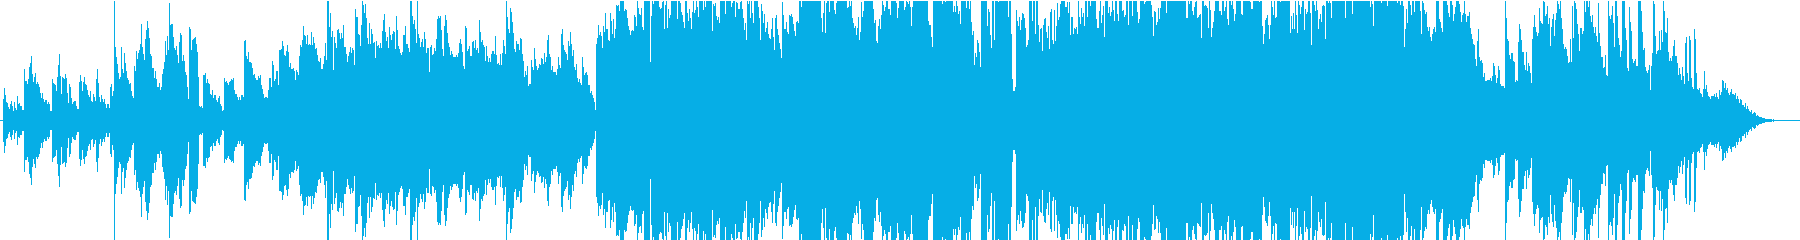 童謡「七夕様」のアレンジ。ピアノ、笛使用の再生済みの波形